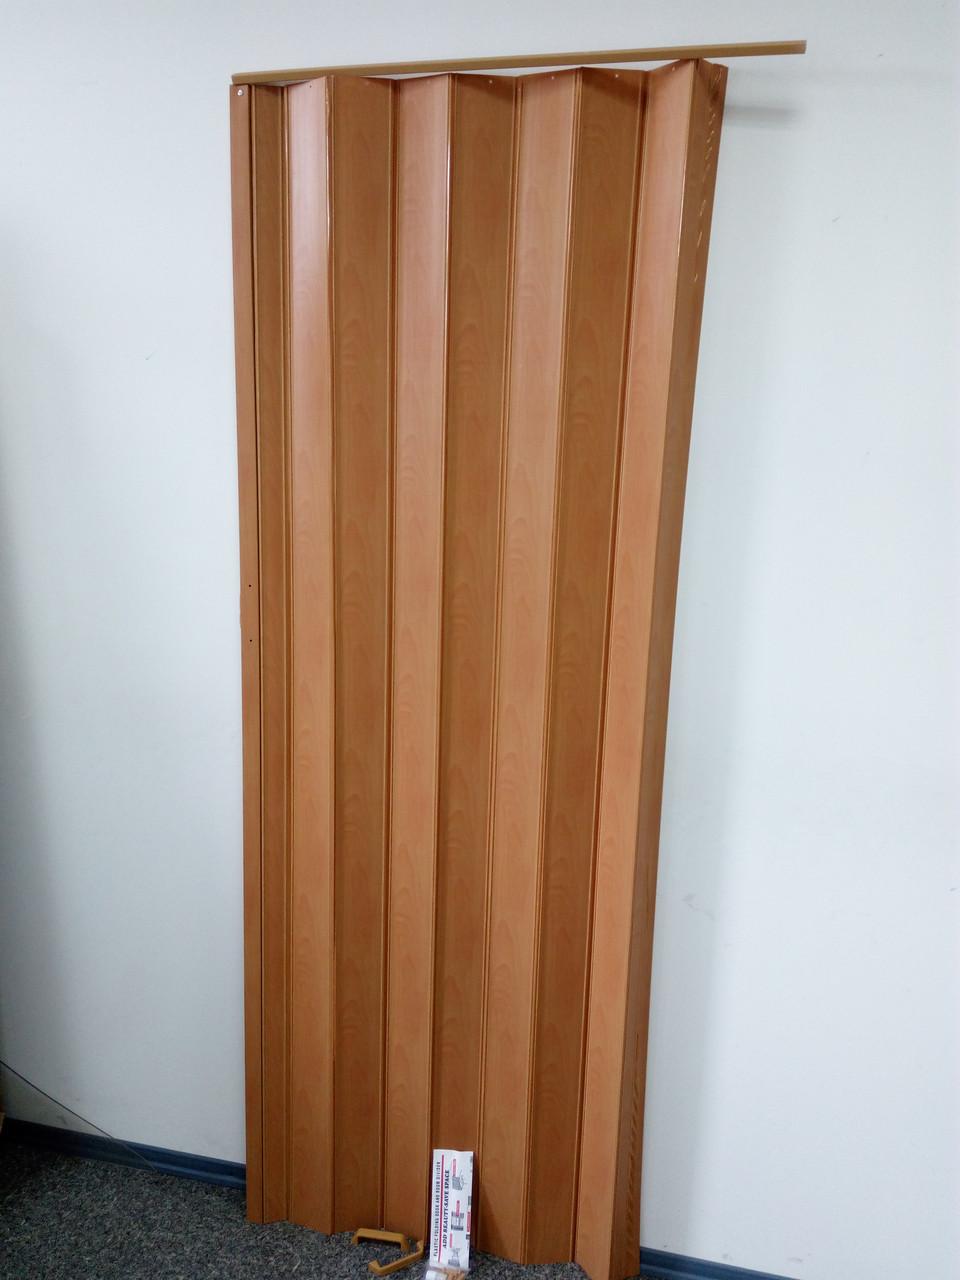 Складна гармошка-ширма 501вишня розсувні міжкімнатні пластикові глухі 810х2030х0,6 мм